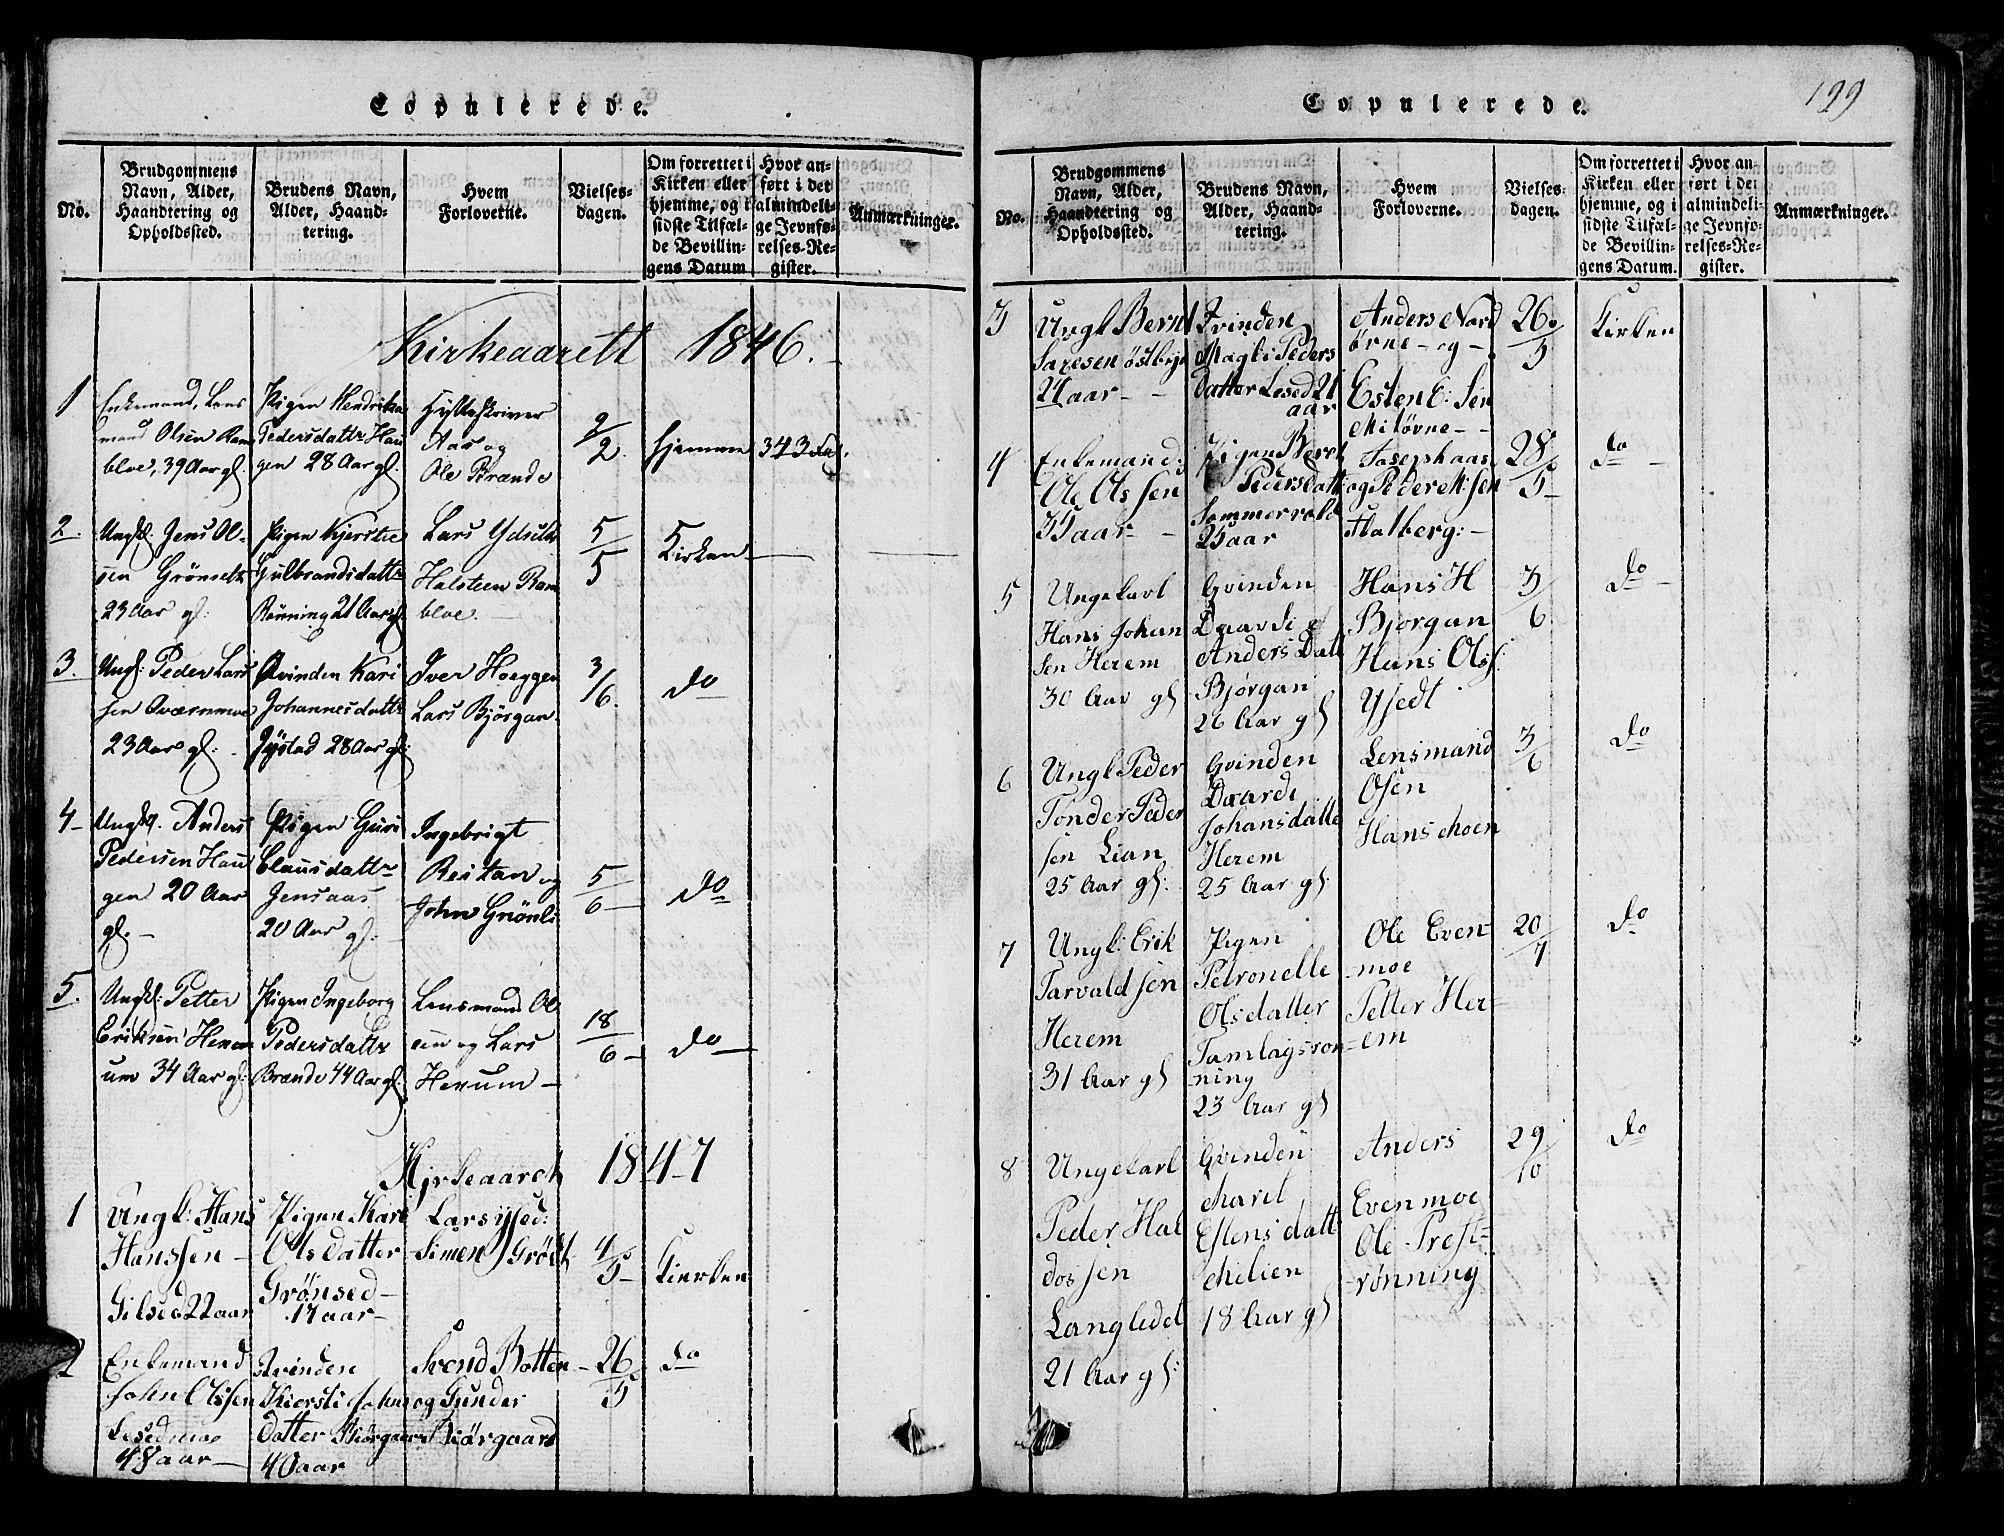 SAT, Ministerialprotokoller, klokkerbøker og fødselsregistre - Sør-Trøndelag, 685/L0976: Klokkerbok nr. 685C01, 1817-1878, s. 199